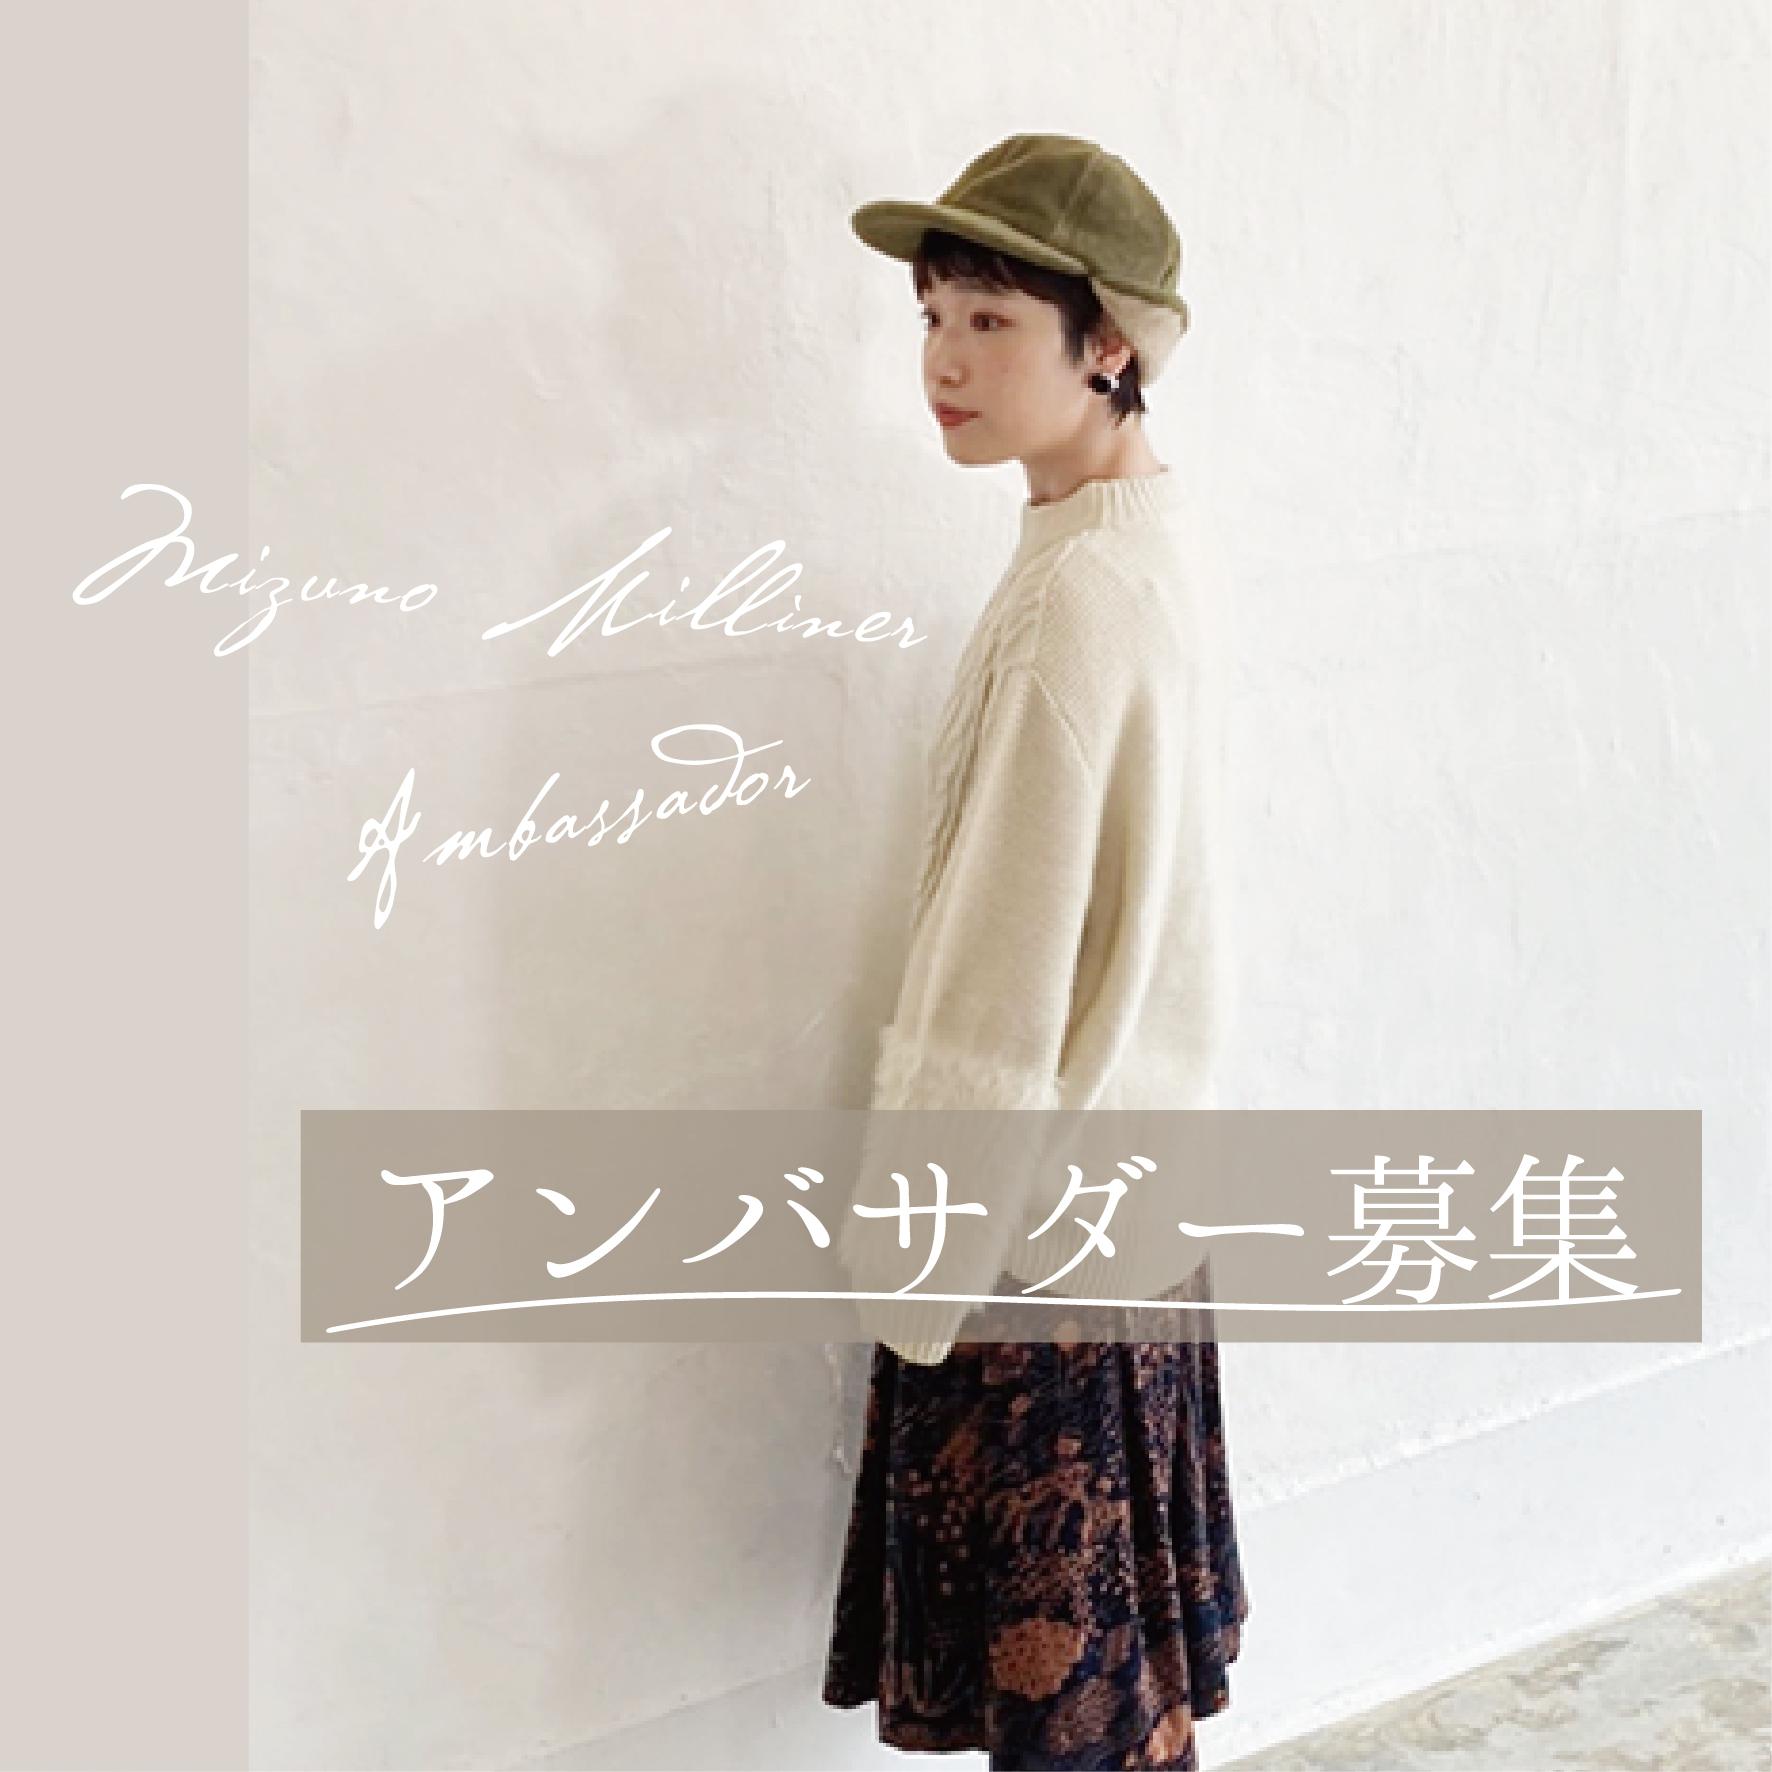 【アンバサダー募集】秋冬の帽子コーデを提案してくれる方大募集!